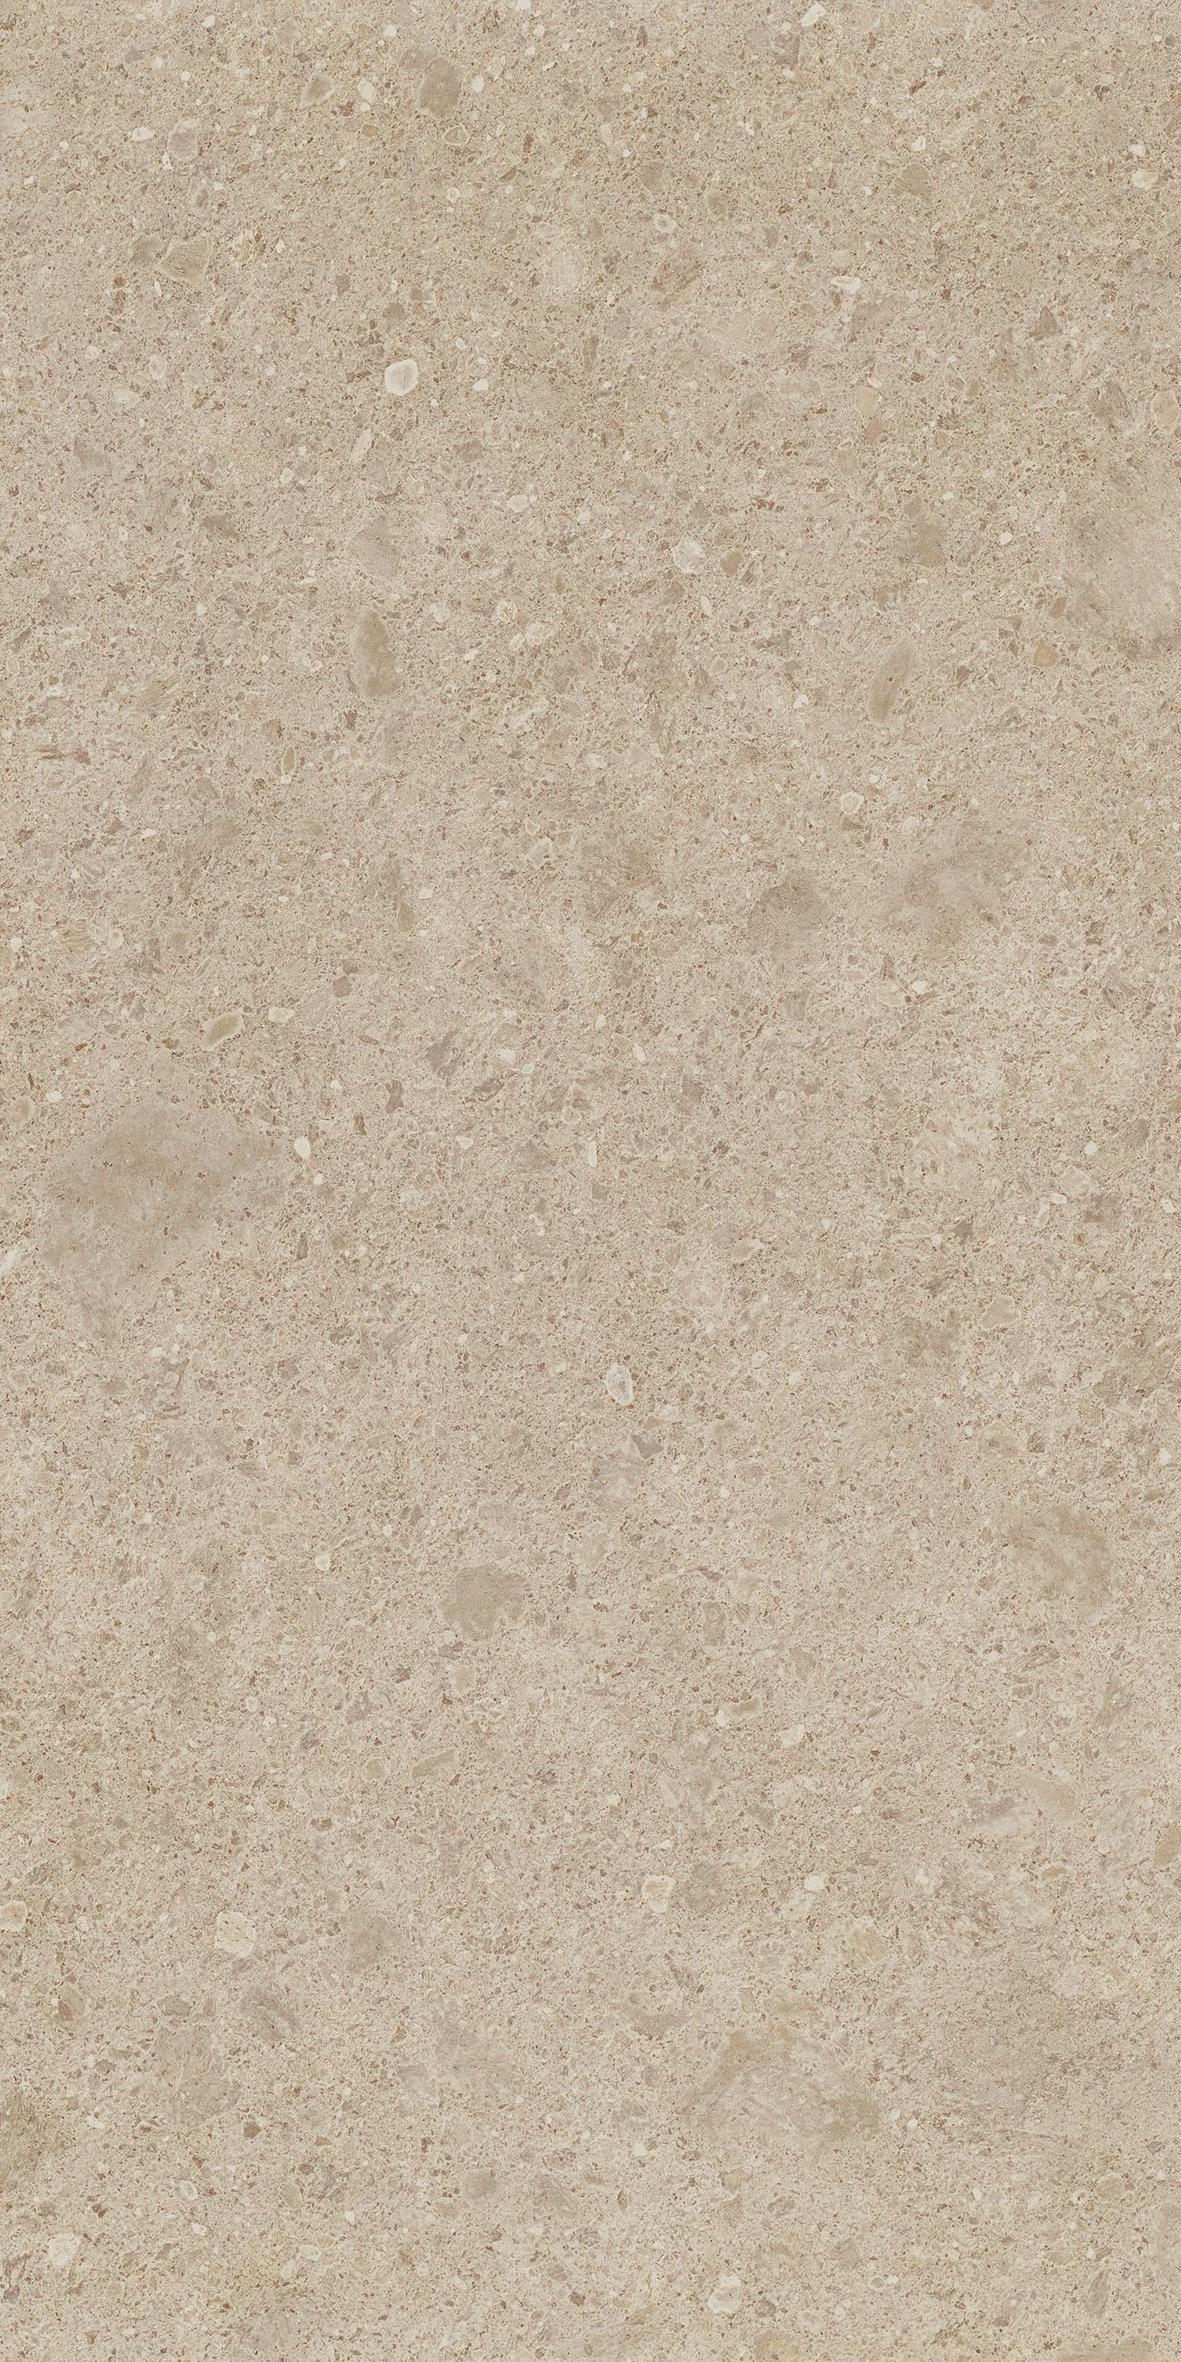 плитка из керамогранита структурированная italon дженезис 30x60 серый 610010001387 Плитка из керамогранита матовая Italon Дженезис 30x60 бежевый (610010001380)